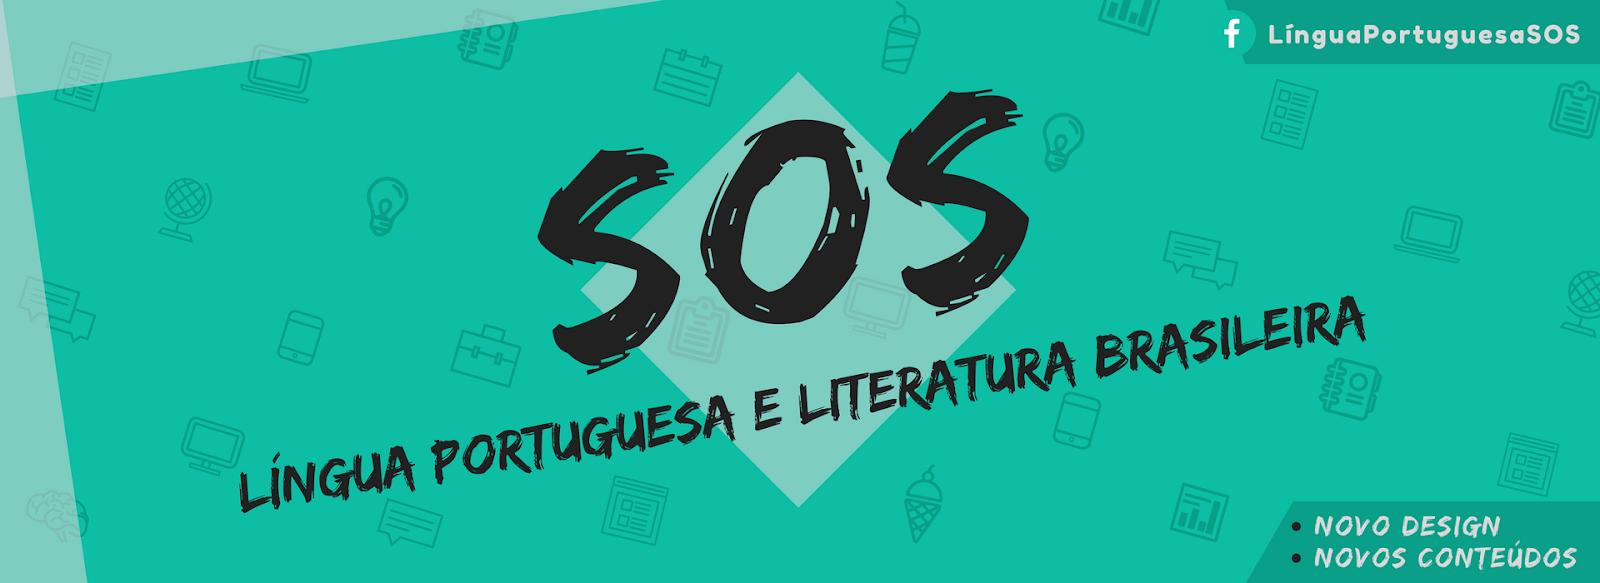 SOS LÍNGUA  PORTUGUESA E LITERATURA  BRASILEIRA